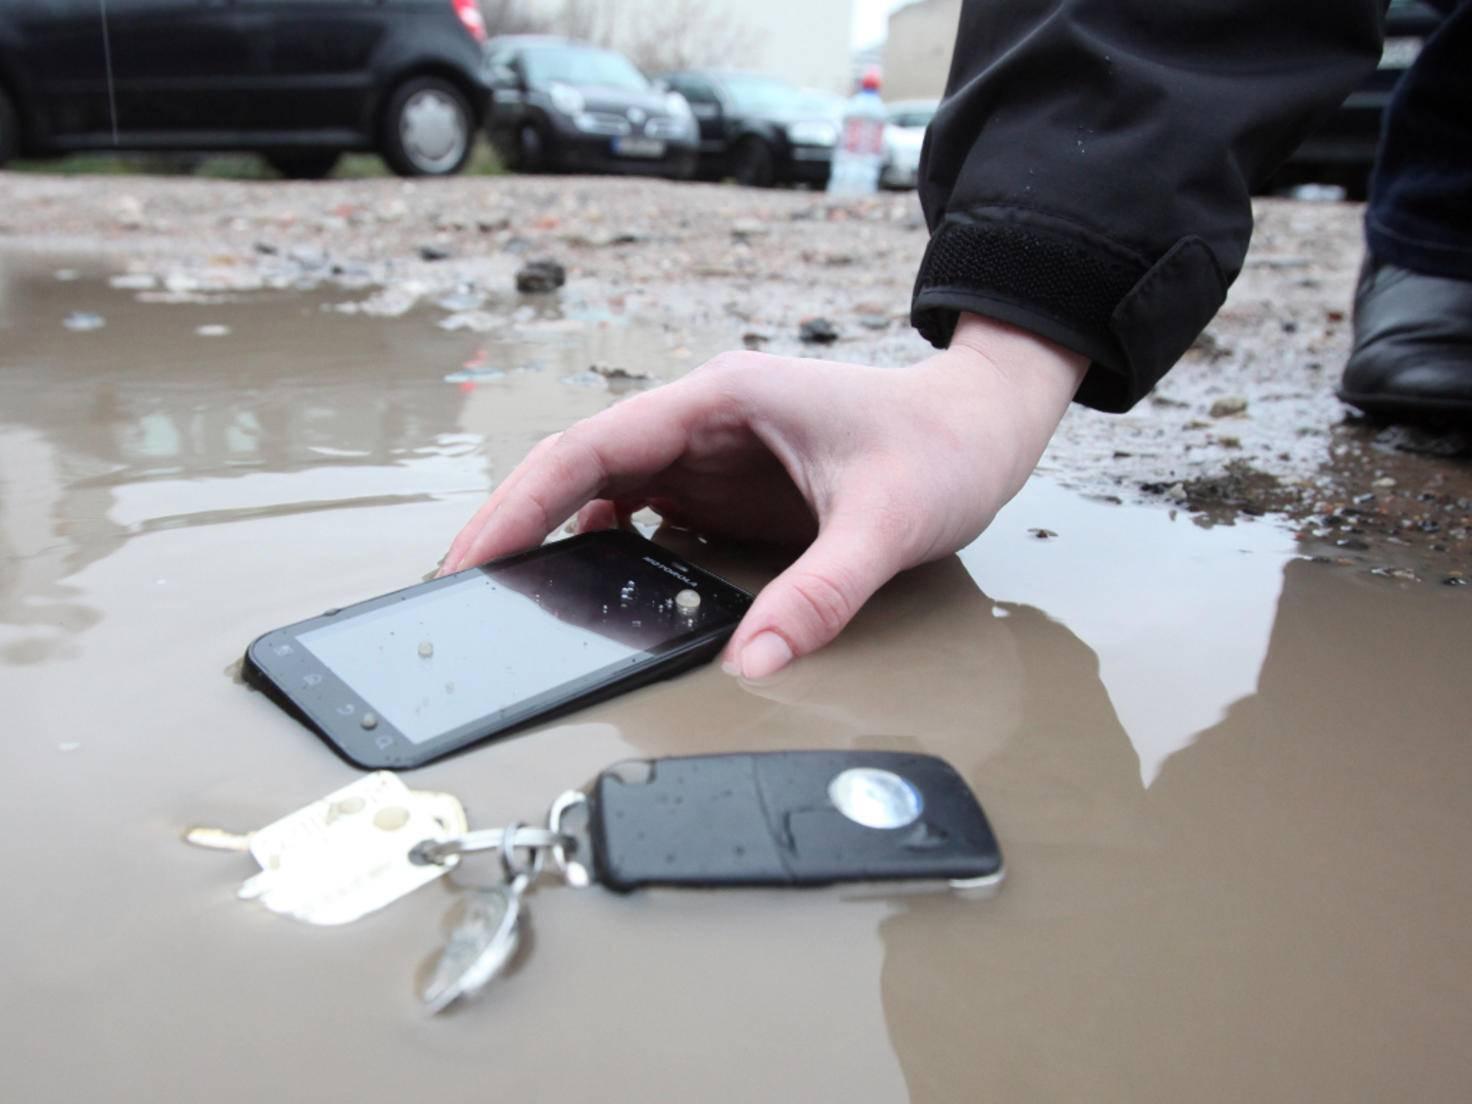 Ein Albtraum: Das Smartphone ist ins Wasser gefallen.